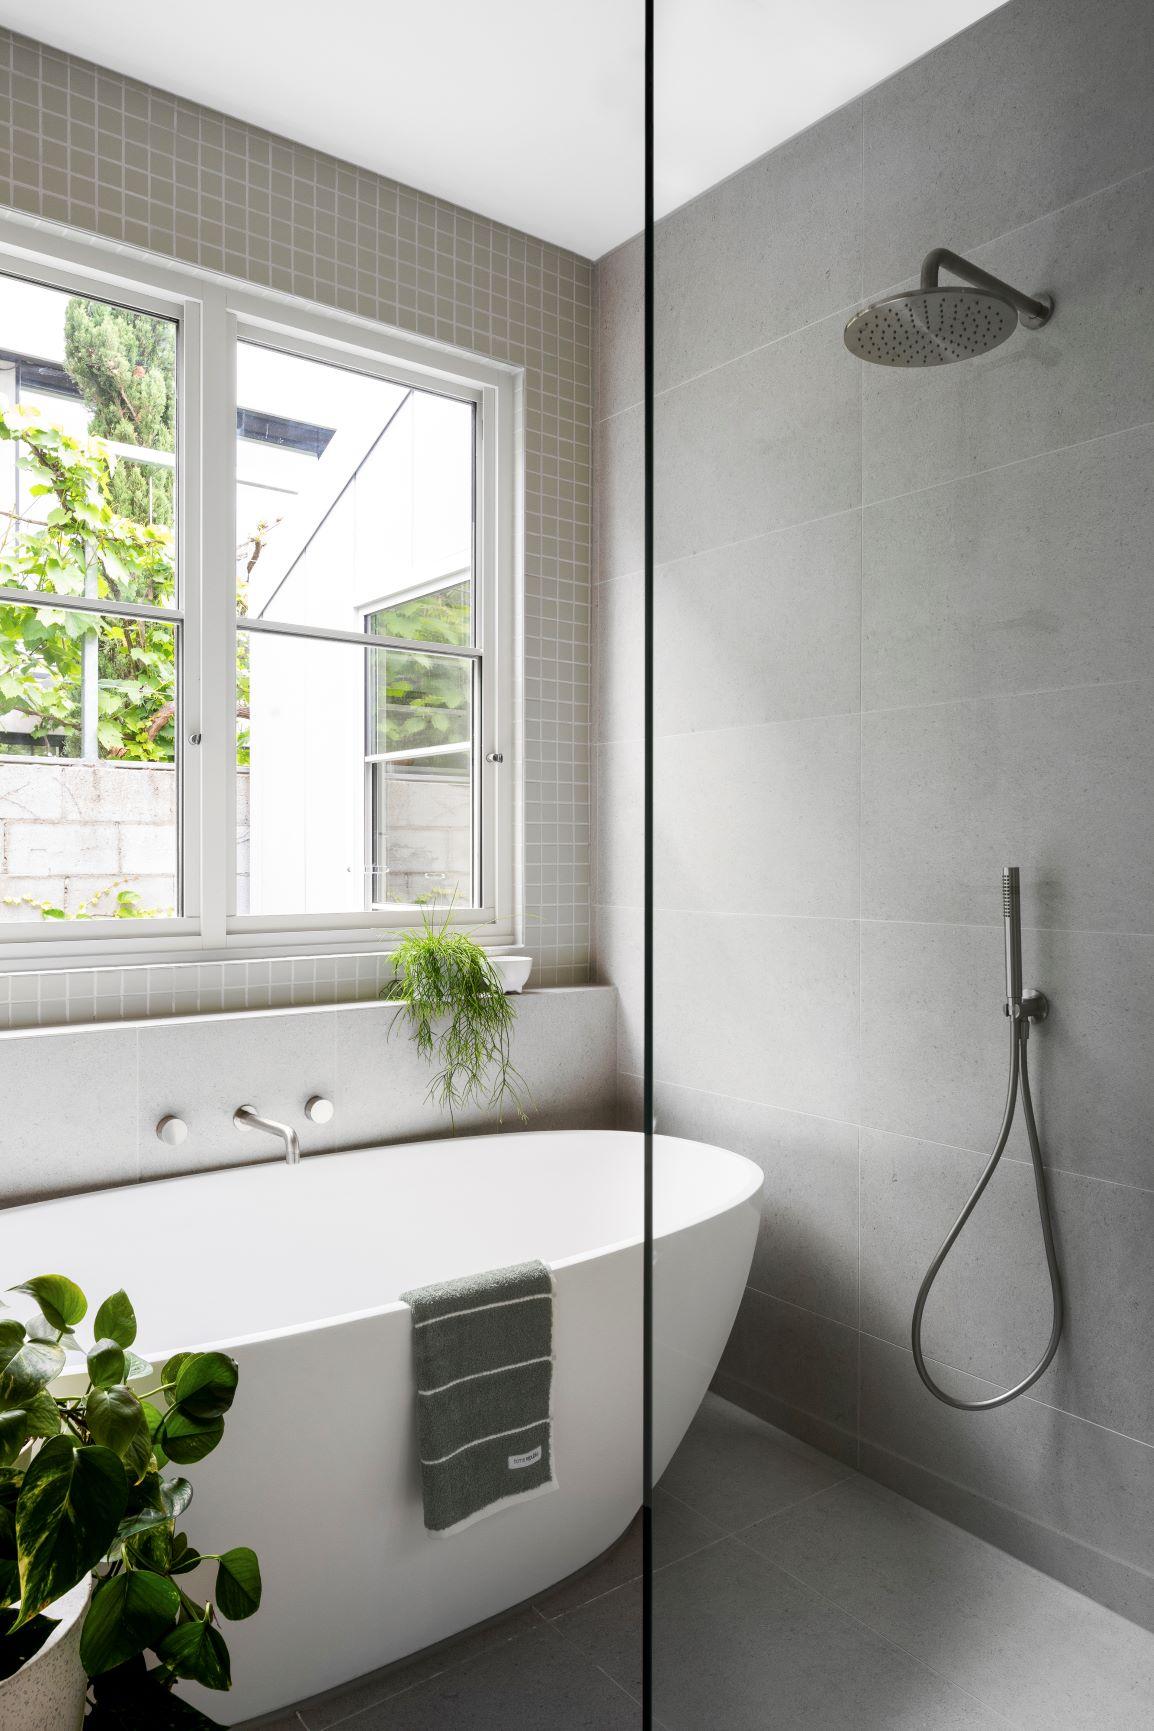 Robert Street Project - Modern House - Freestanding Bath